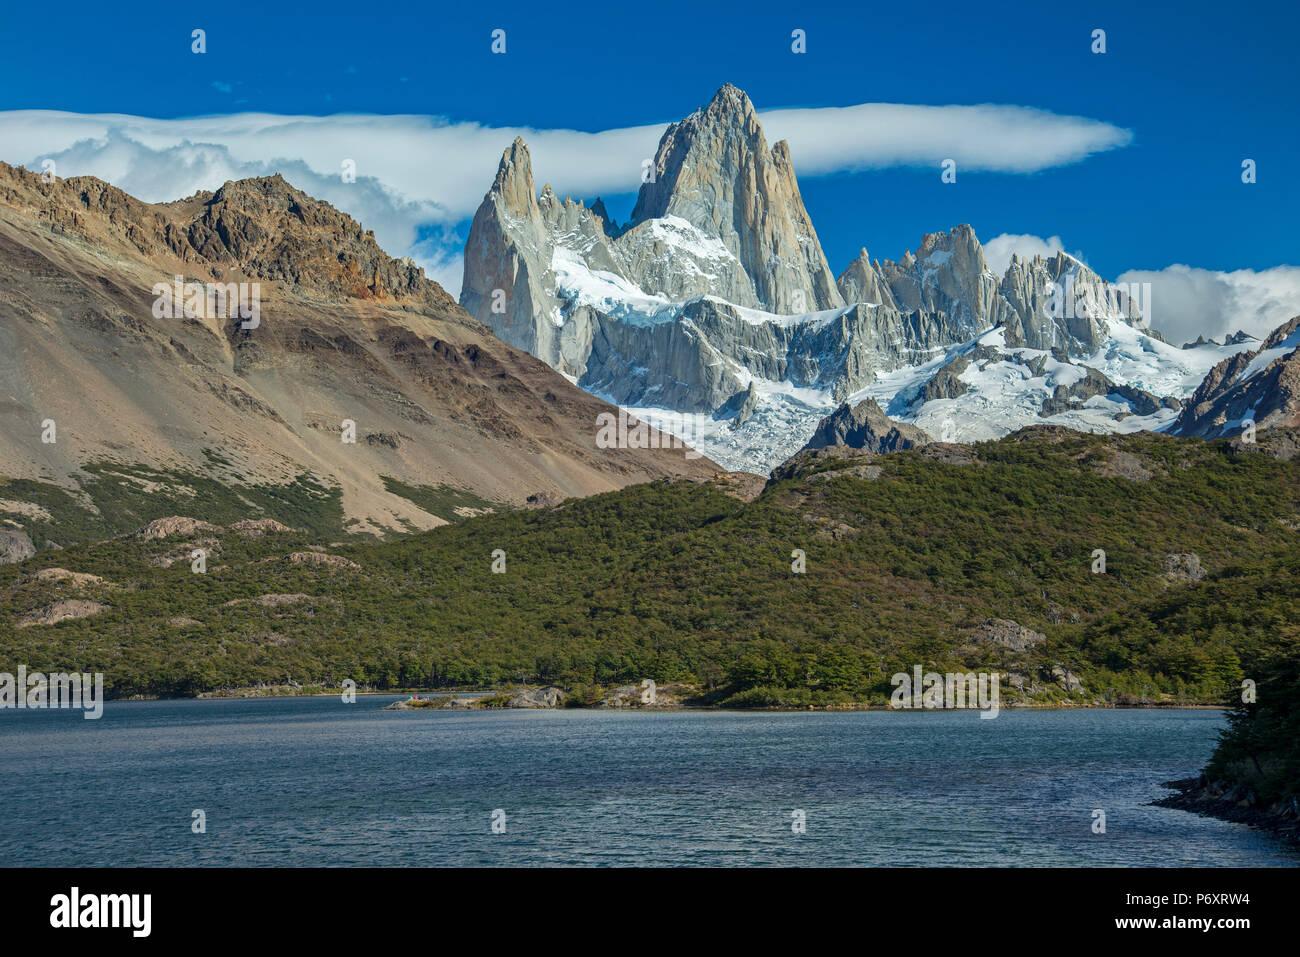 América del Sur, Patagonia, Argentina, Santa Cruz, El Chaltén, Parque Nacional Los Glaciares Imagen De Stock